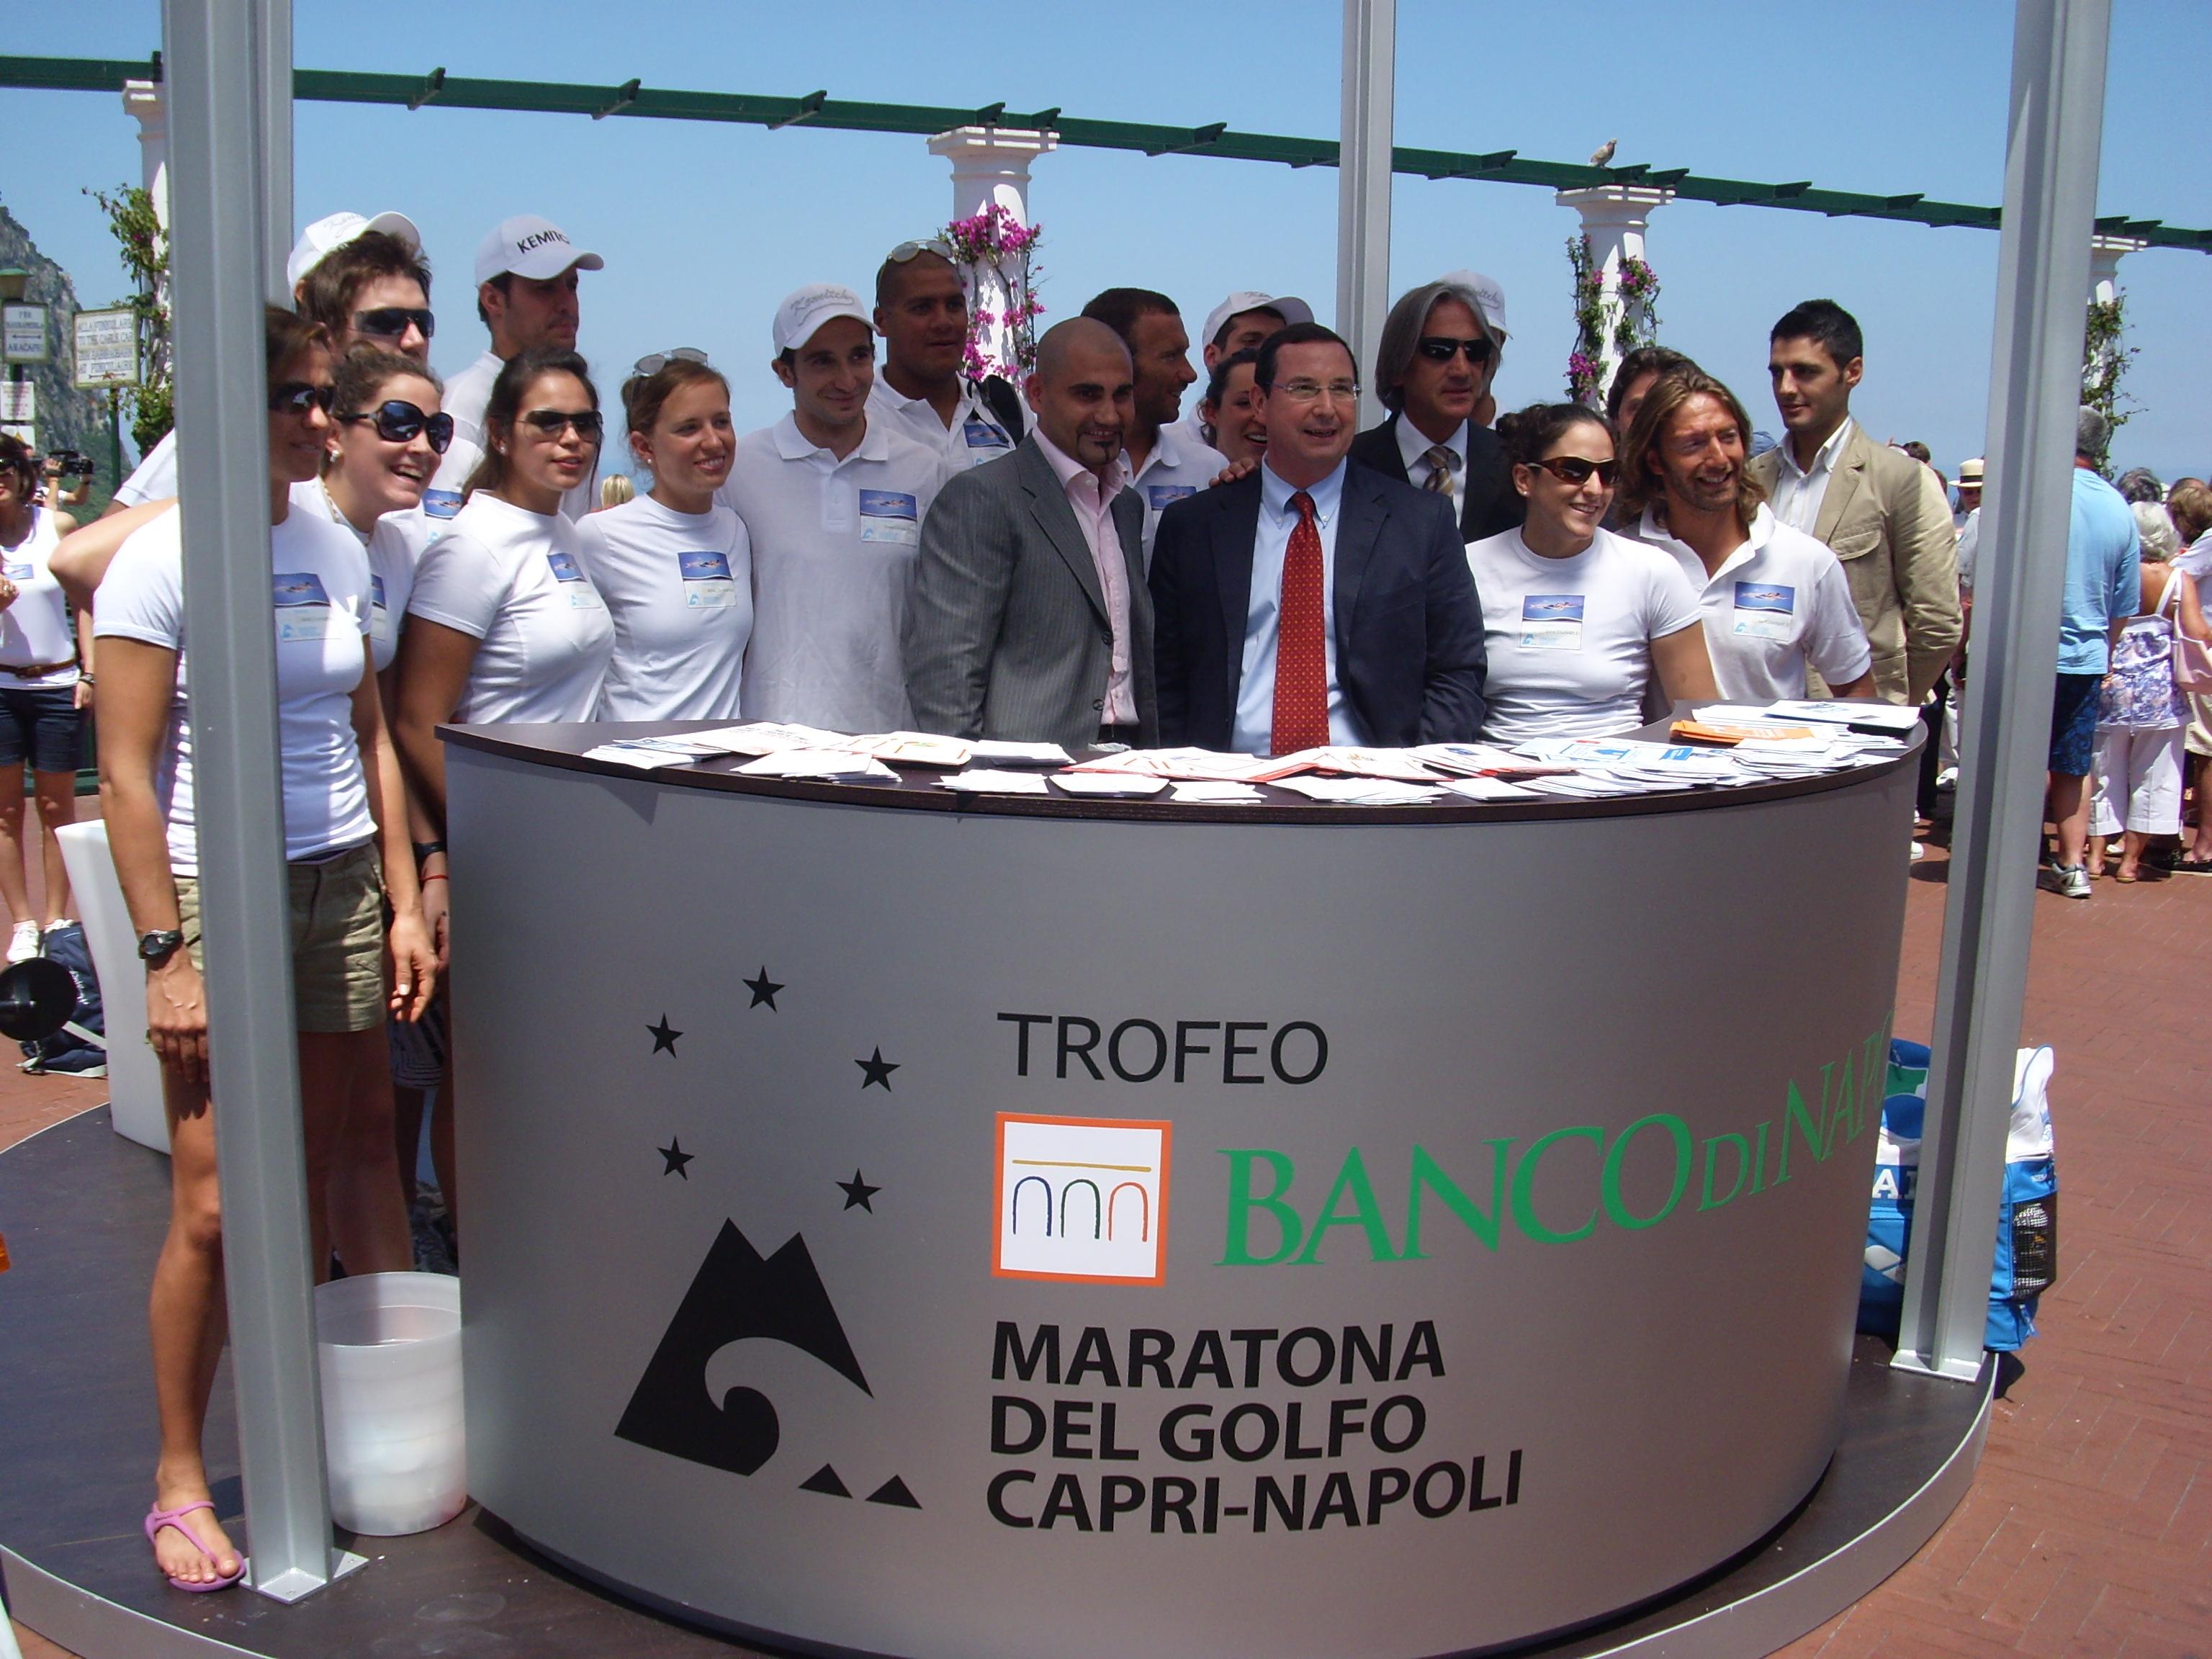 Capri Napoli 2013 di Nuoto, Spot ufficiale